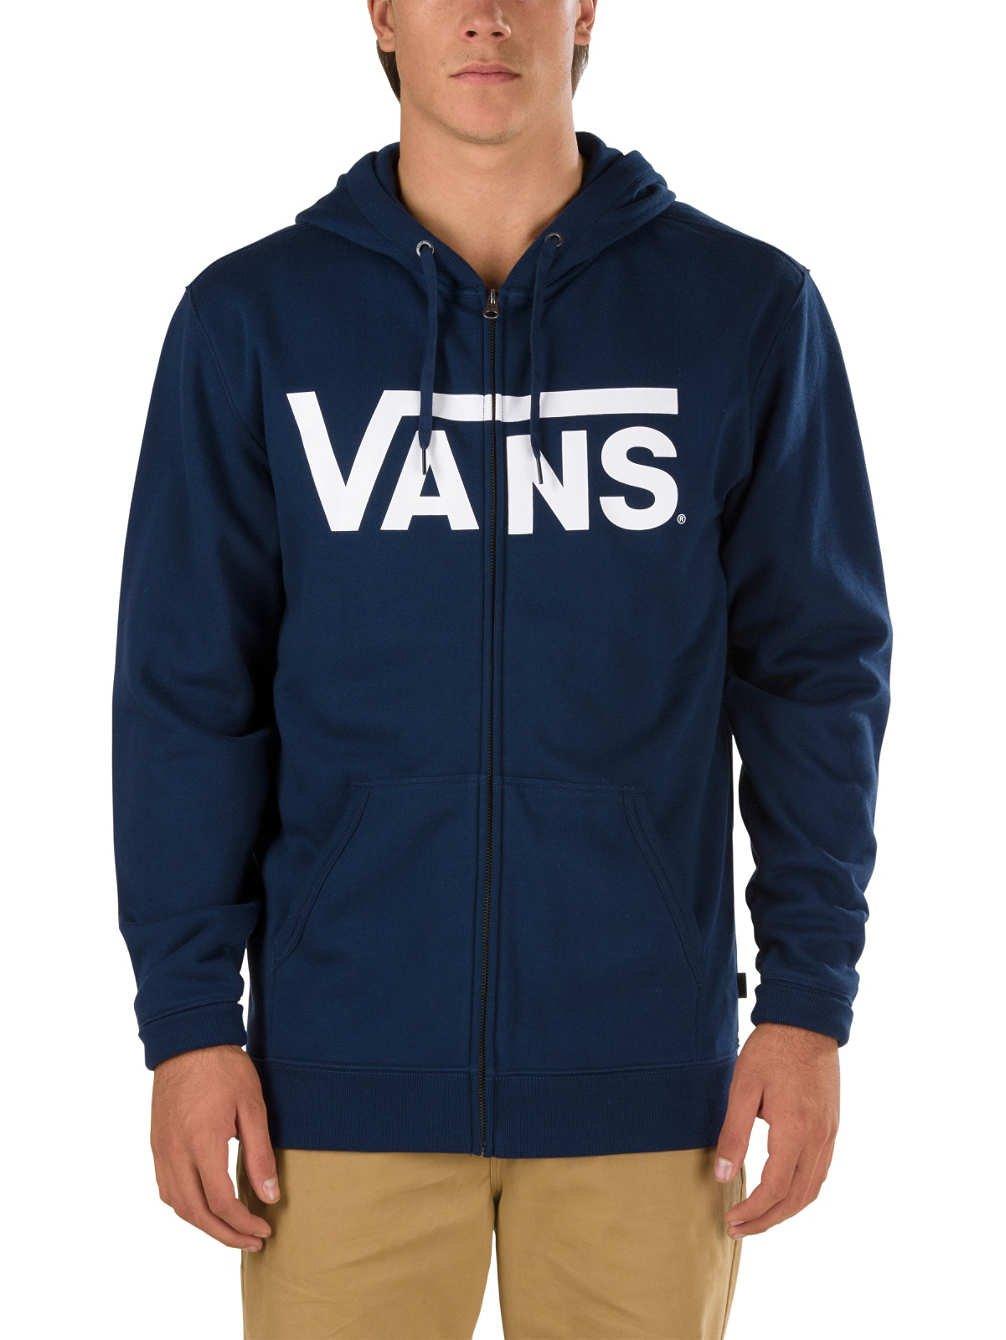 45d12c7f51 Vans Classic Zip Hoodie Men s Sweatshirt  Vans  Amazon.co.uk  Clothing